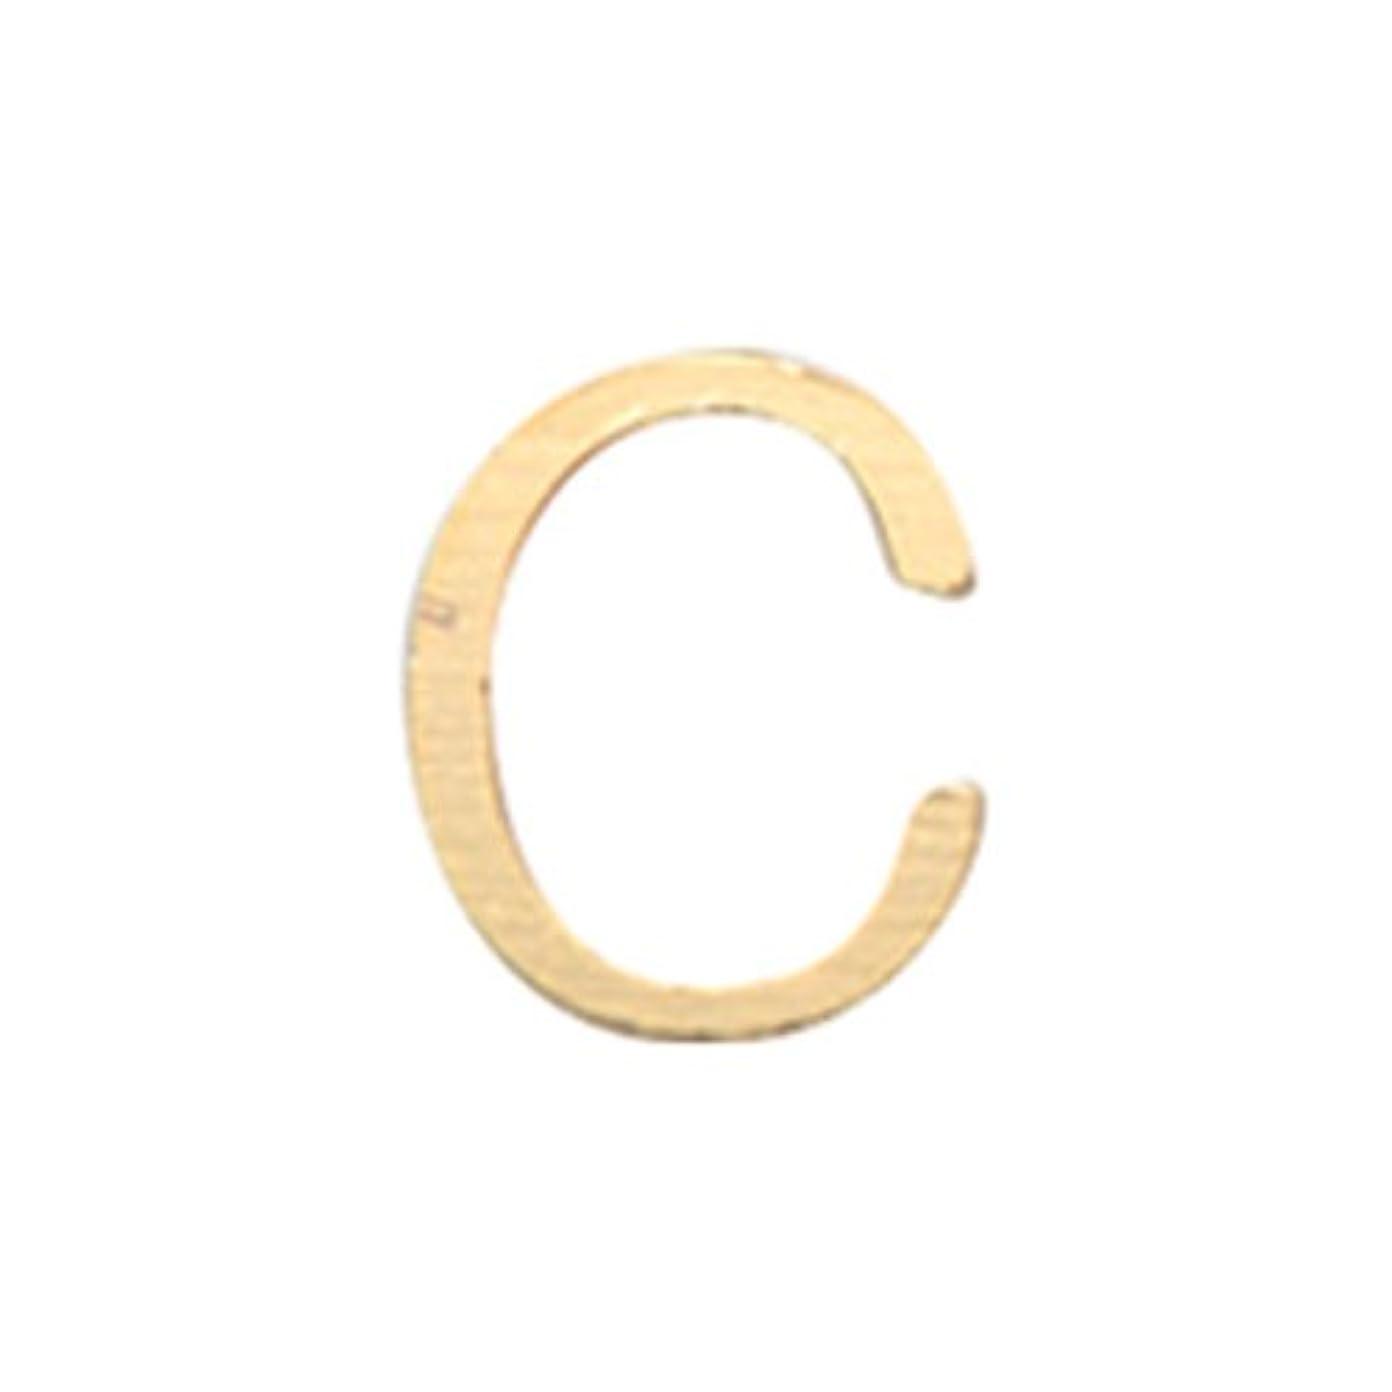 モトリーカート巨大リトルプリティー ネイルアートパーツ アルファベット C ゴールド 10個